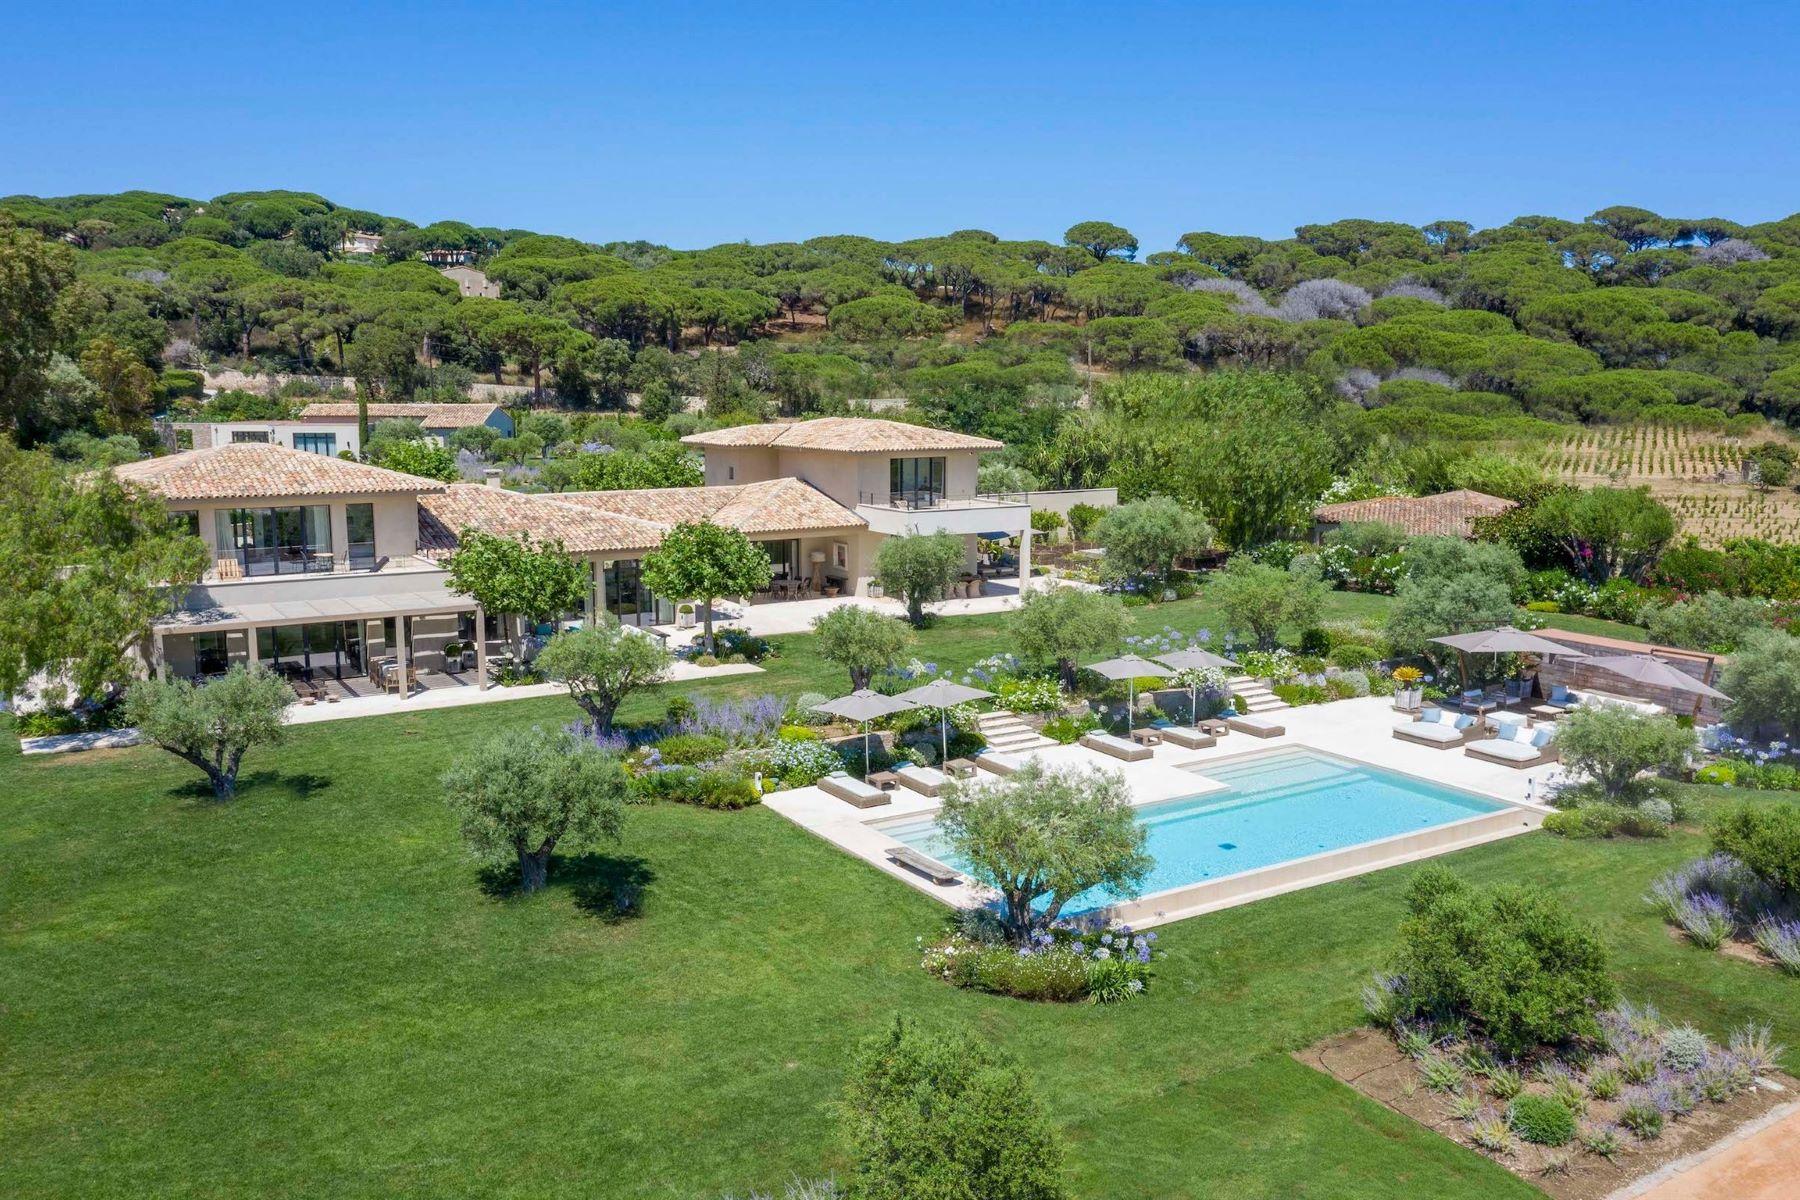 Single Family Homes for Sale at Mas du Figuier : luxury property for sale - Saint-Tropez Saint Tropez, Provence-Alpes-Cote D'Azur 83990 France